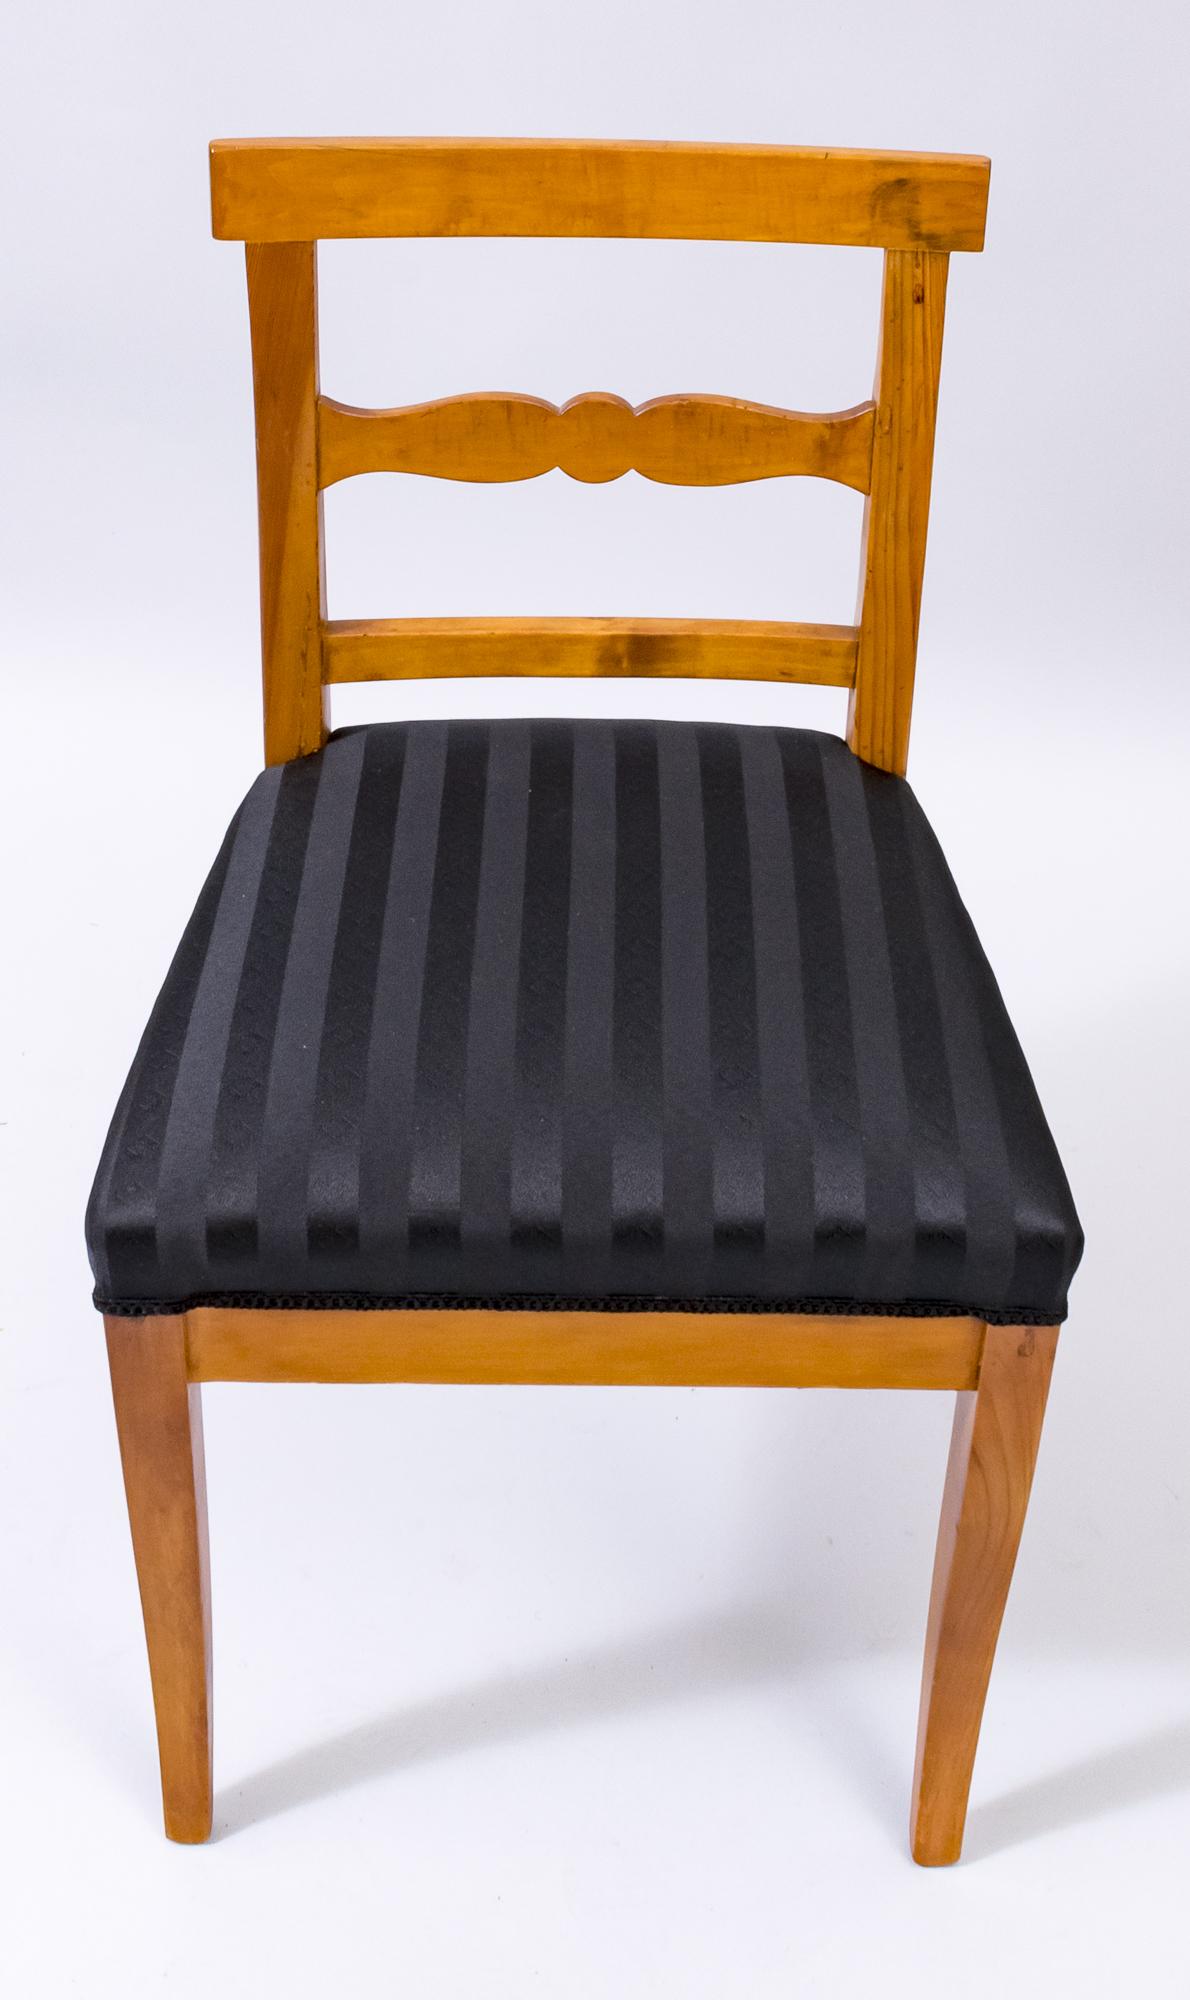 Stuhl, Tisch, Sofa, antik, Kirschbaum